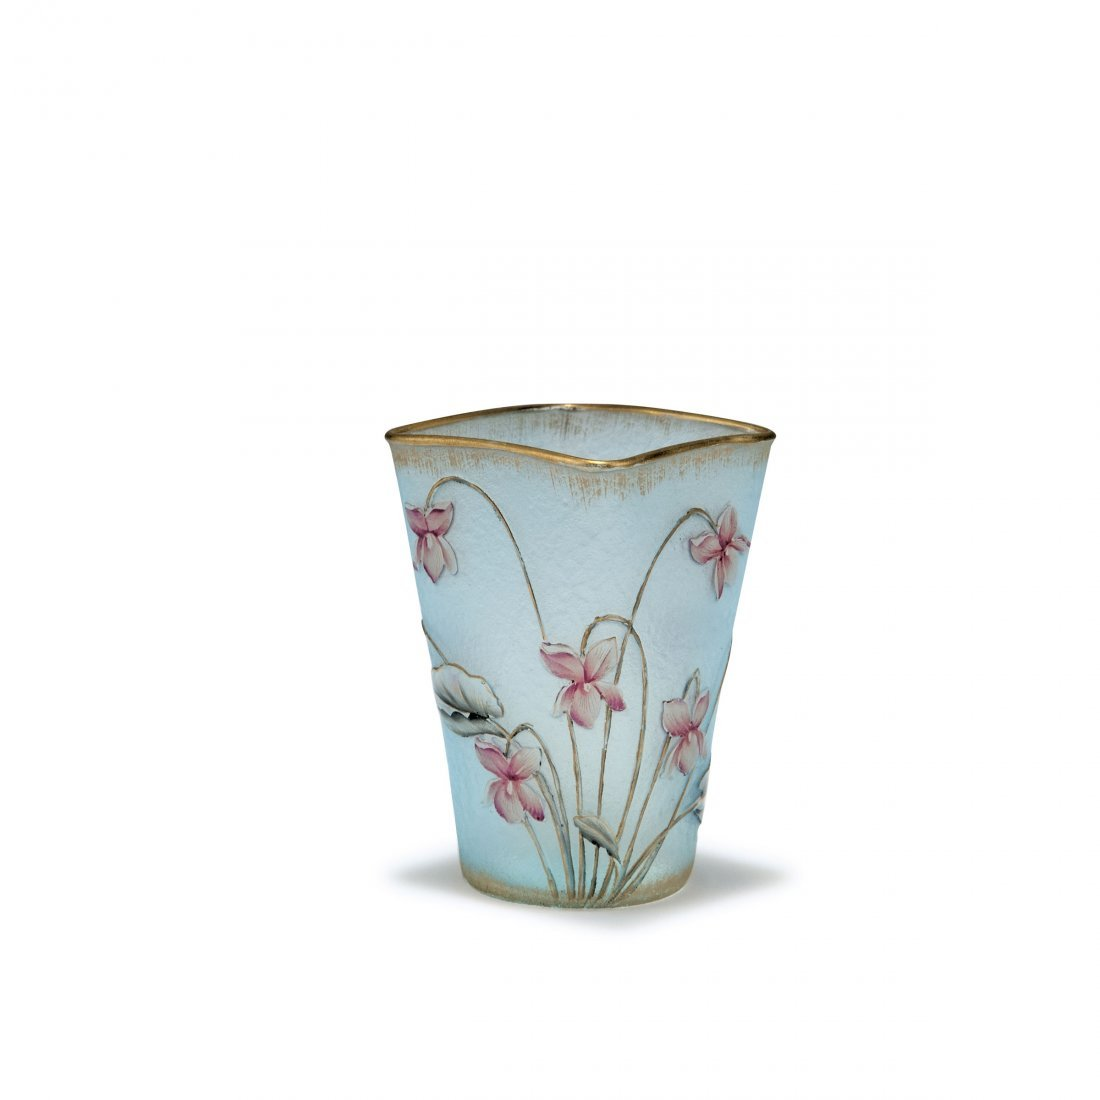 'Pensees' mug, c1895